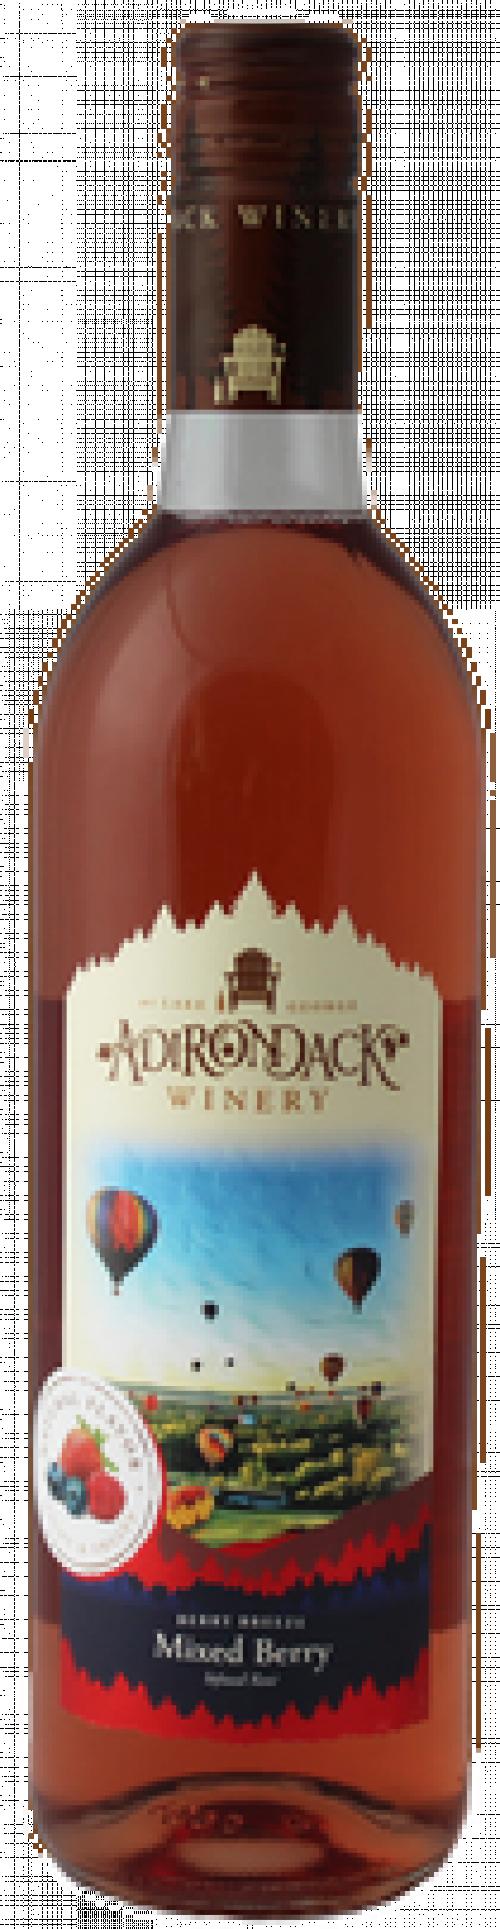 Adirondack Winery Mixed Berry Breeze 750ml NV